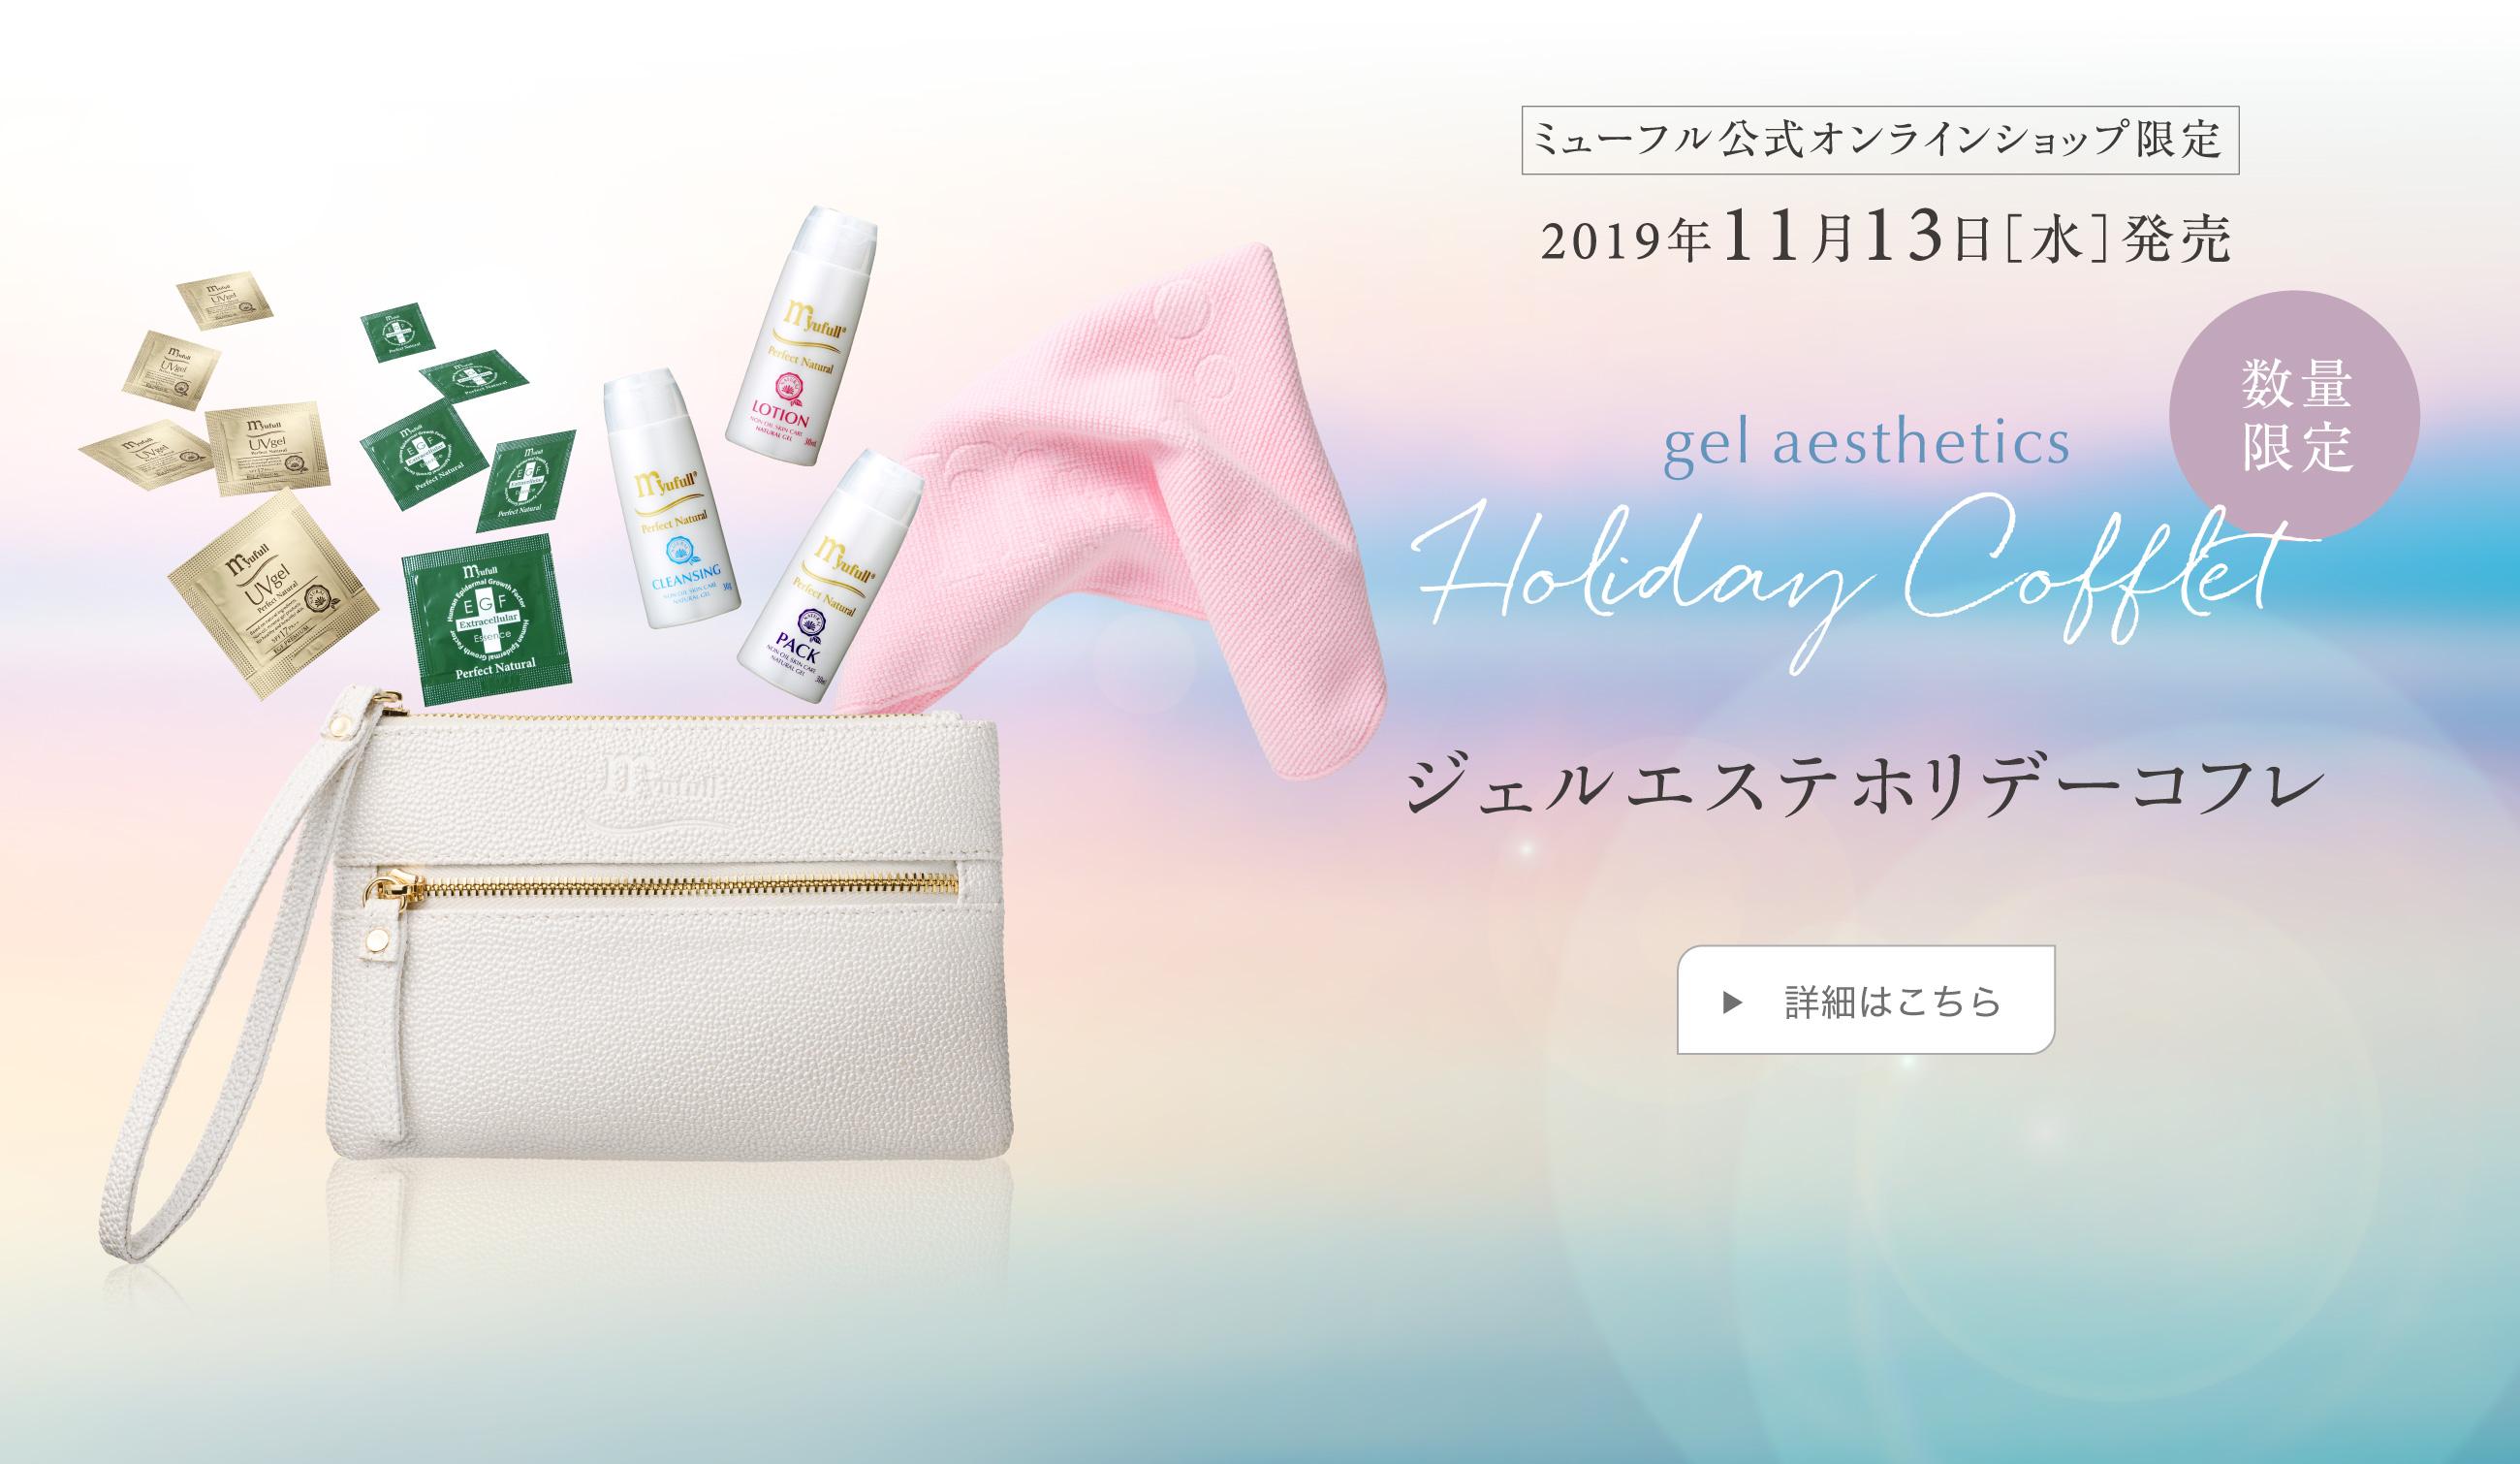 公式オンラインショップ限定【ポーチ付】ジェルエステ ホリデー コフレ